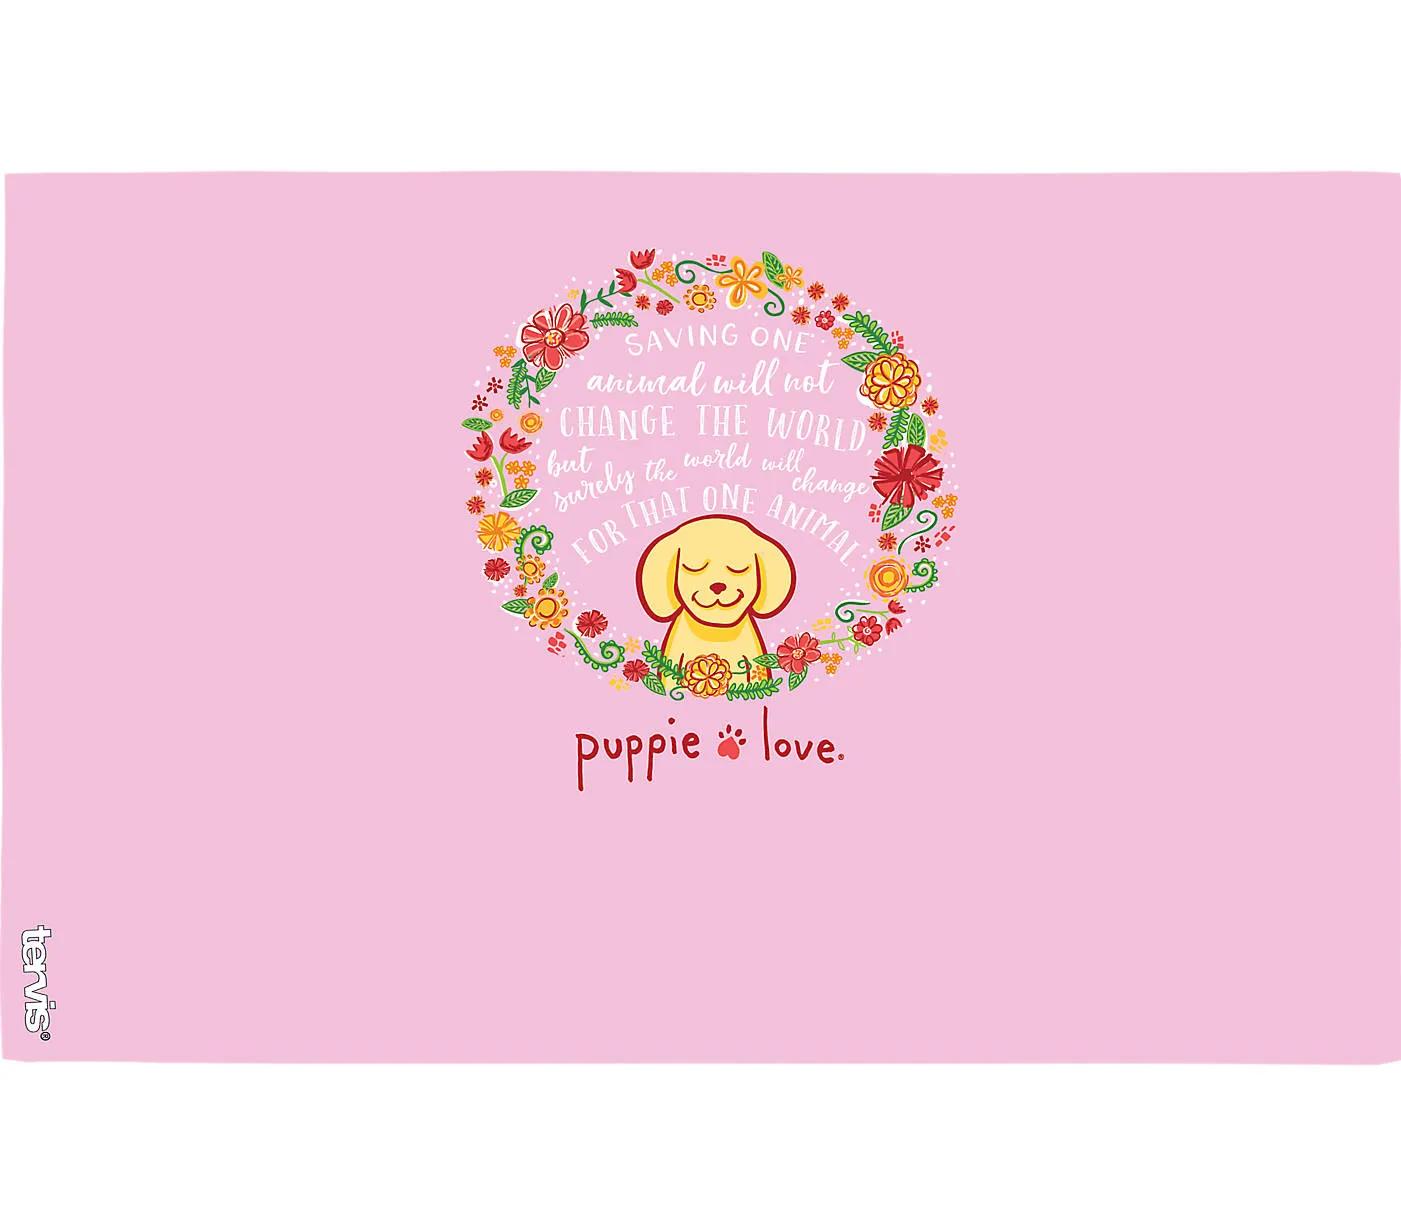 Puppie Love - Flower Wreath 16oz. by Tervis